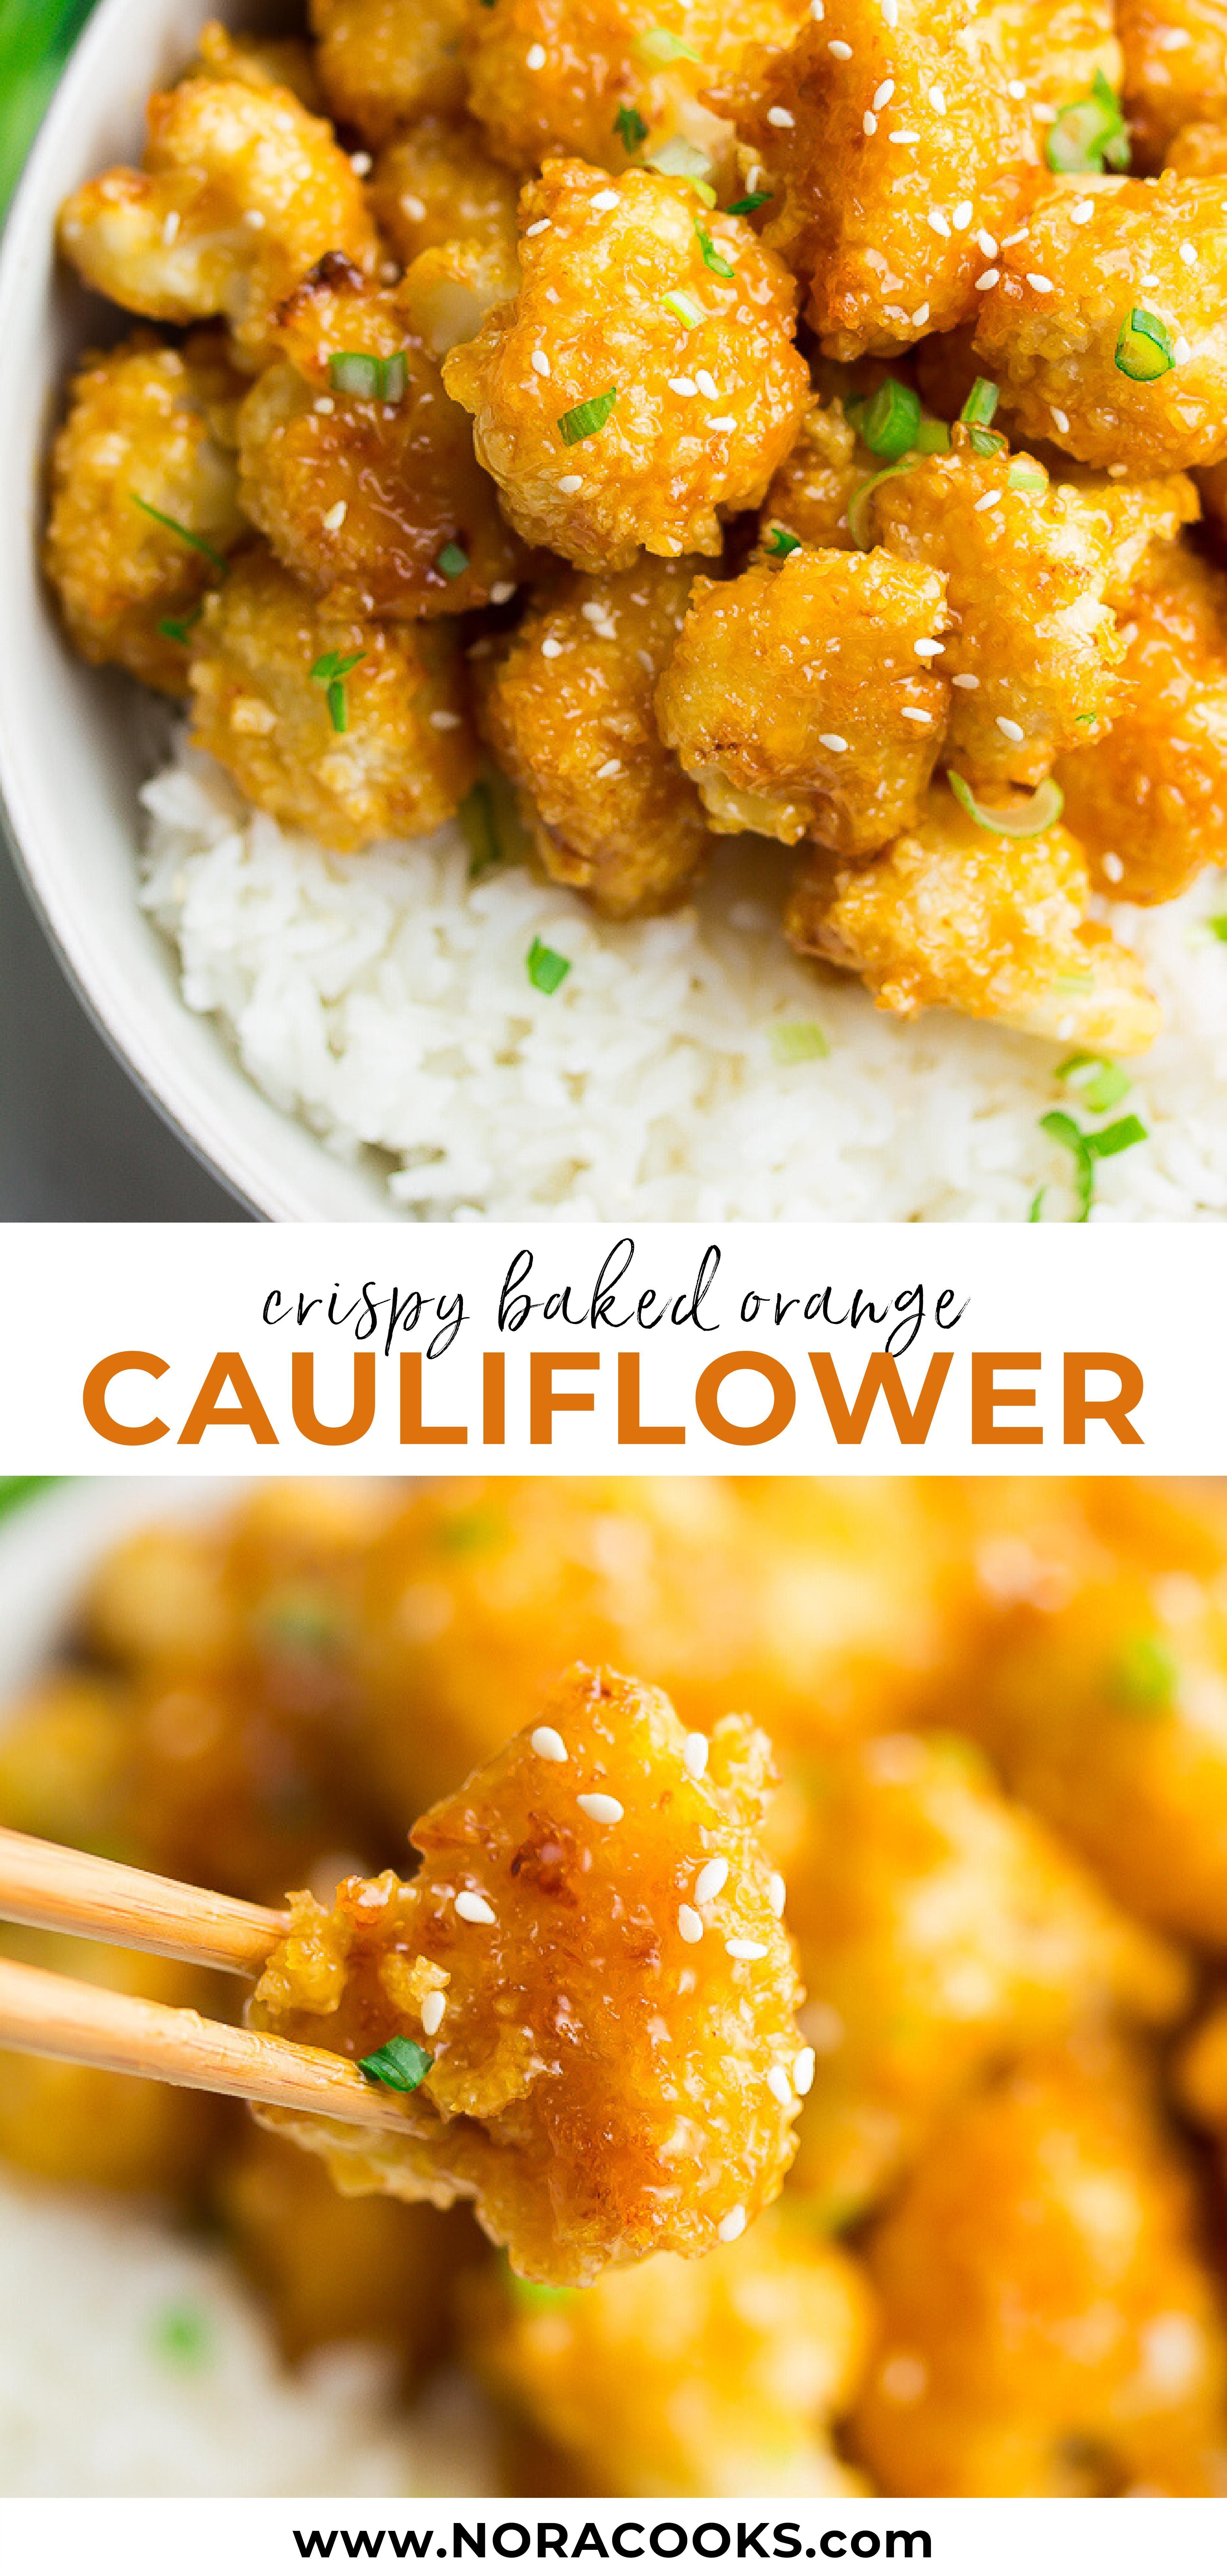 Orange Cauliflower #pescatarianrecipes